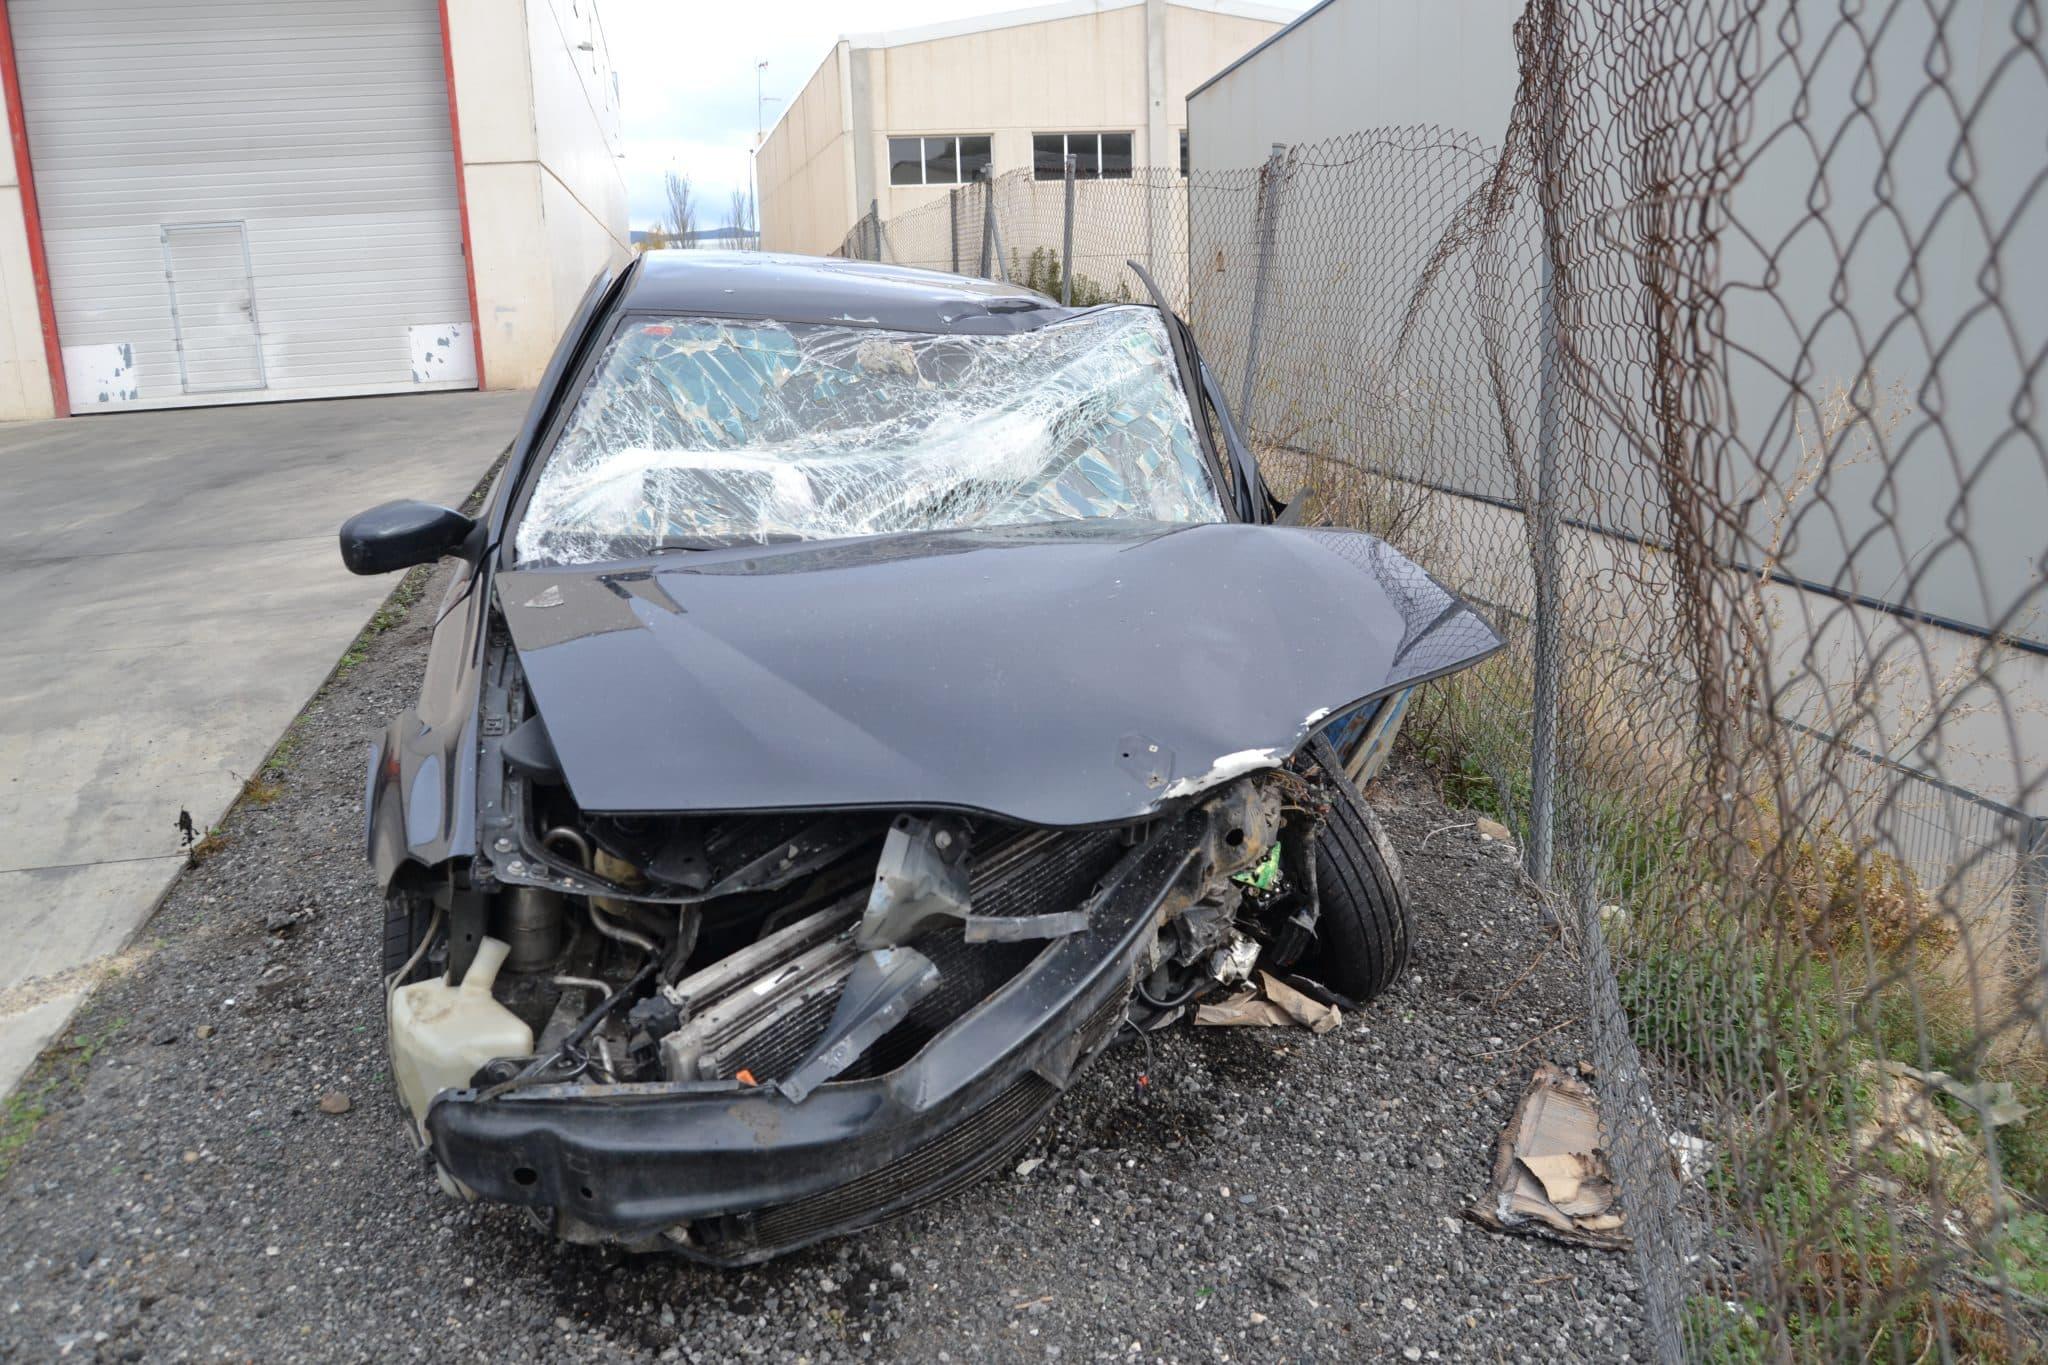 Investigan por homicidio al conductor implicado en un accidente mortal ocurrido en Ábalos 1